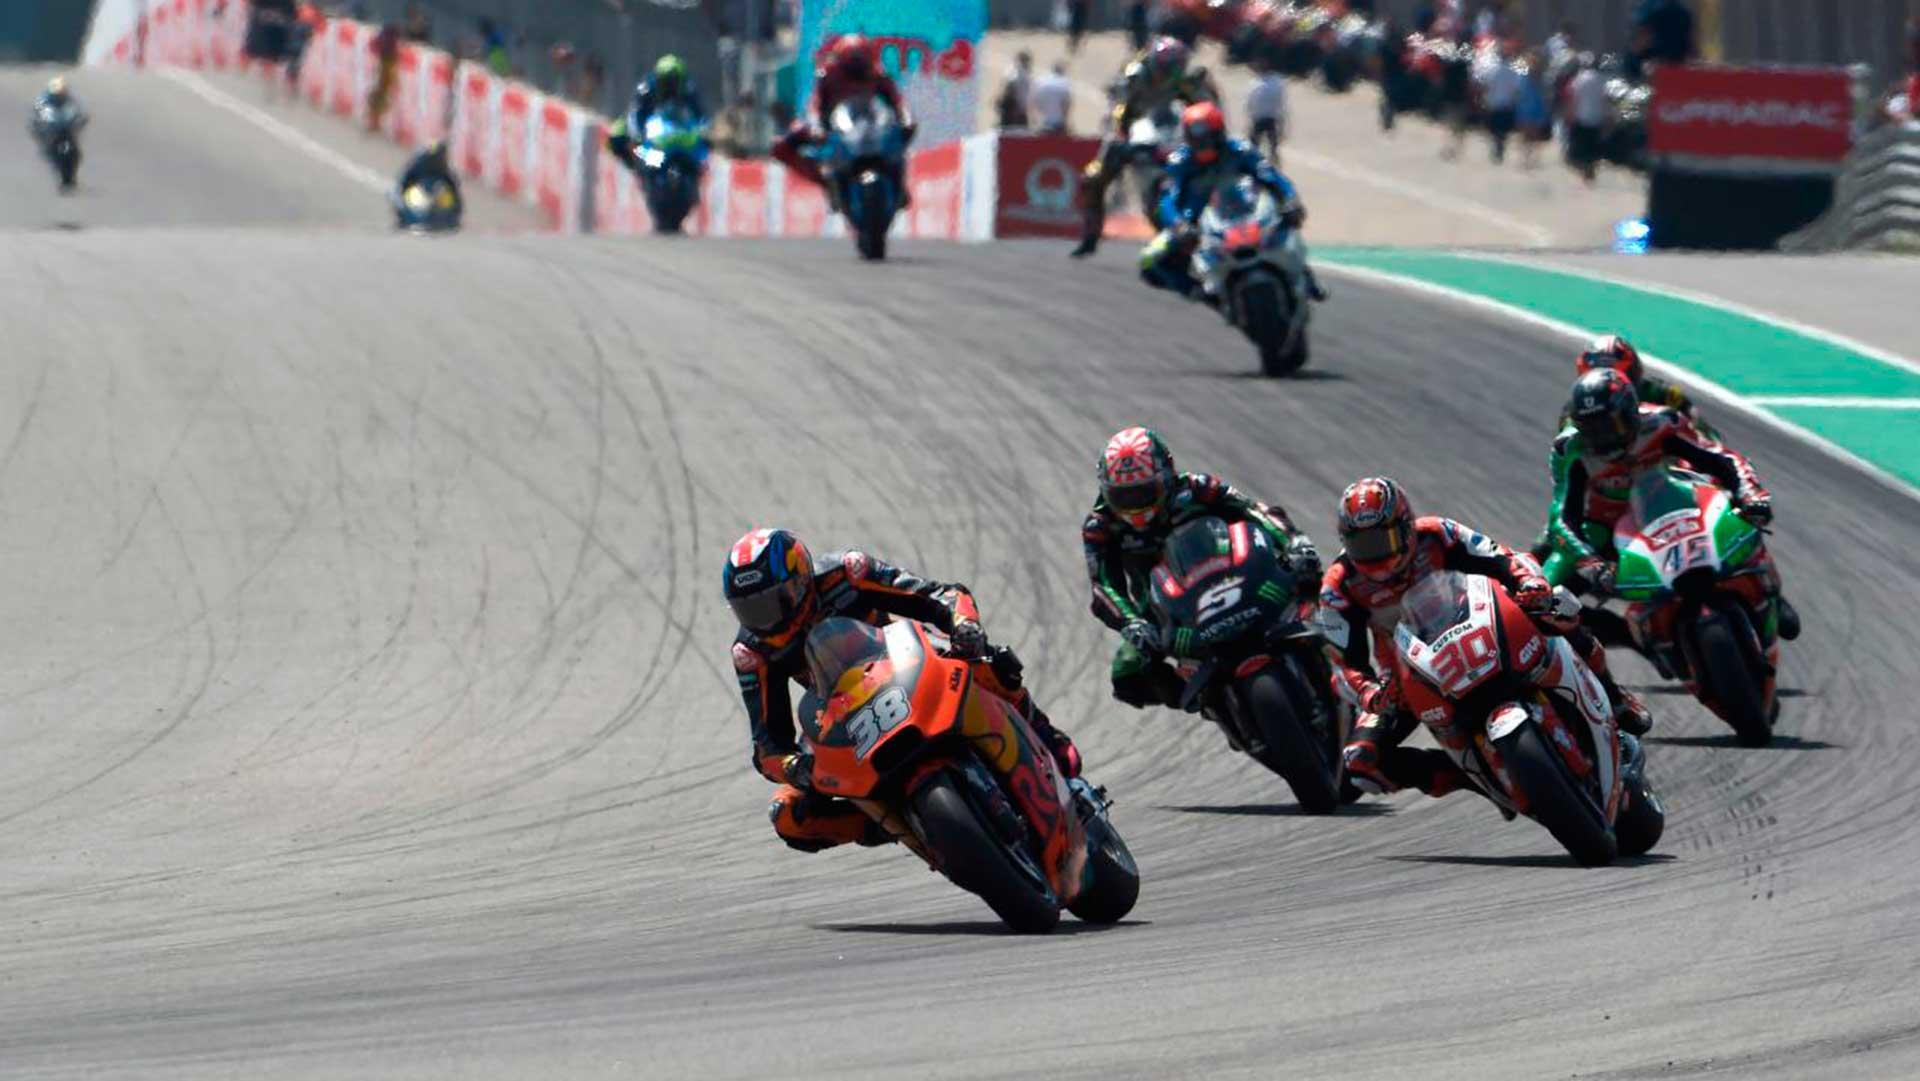 Previo del GP de Alemania de MotoGP: ¿se romperá la racha?